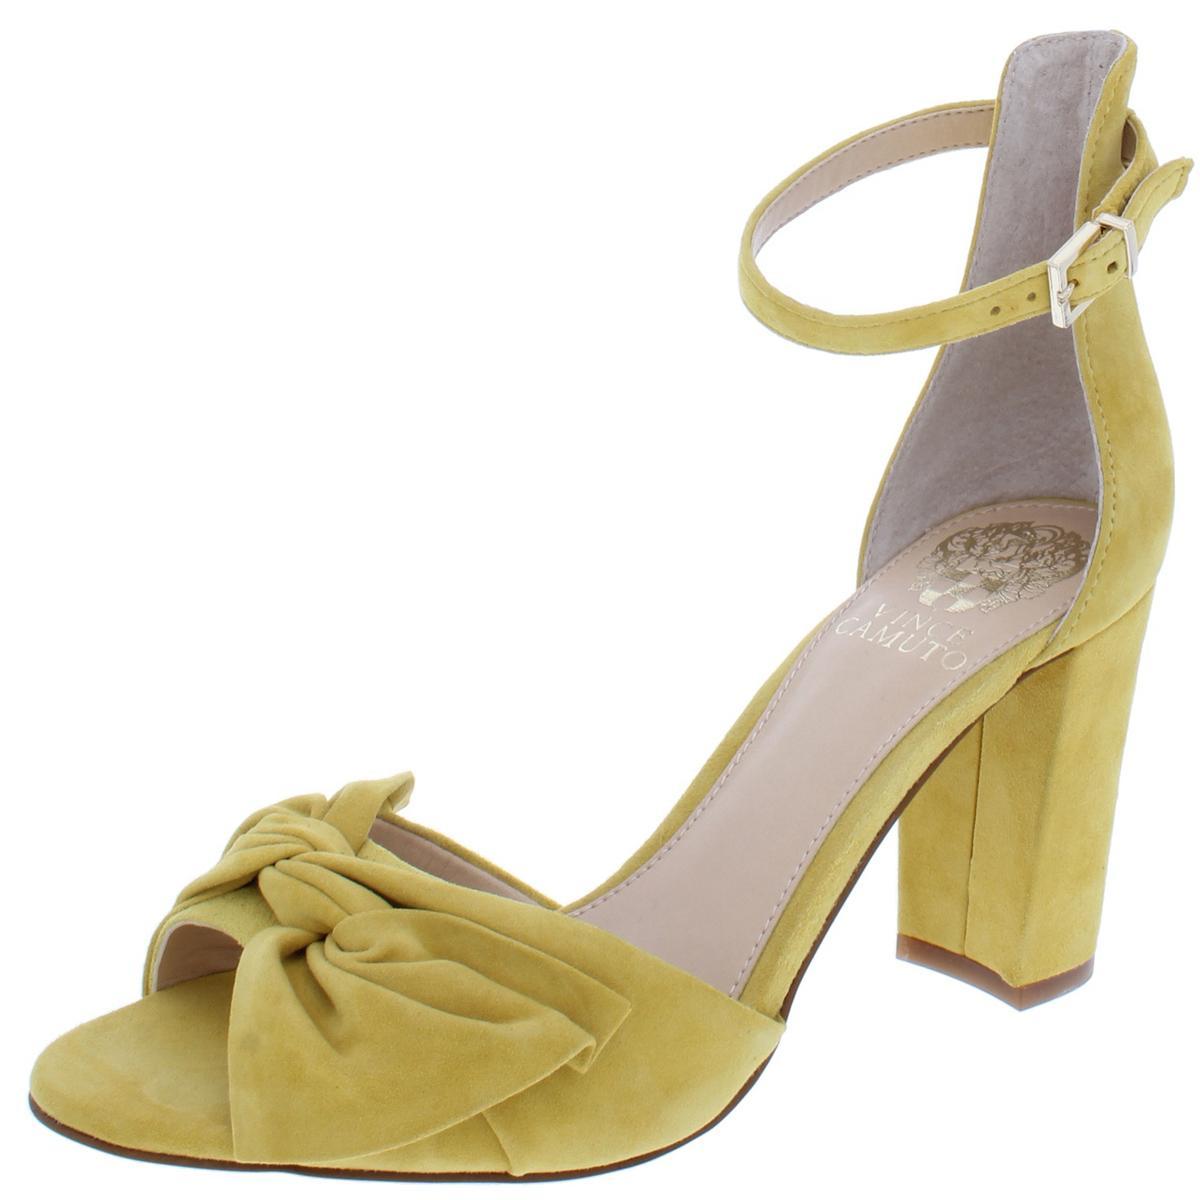 e39c1e4e799 Details about Vince Camuto Womens Carrelen Suede Block Heel Dress Sandals  Shoes BHFO 8162